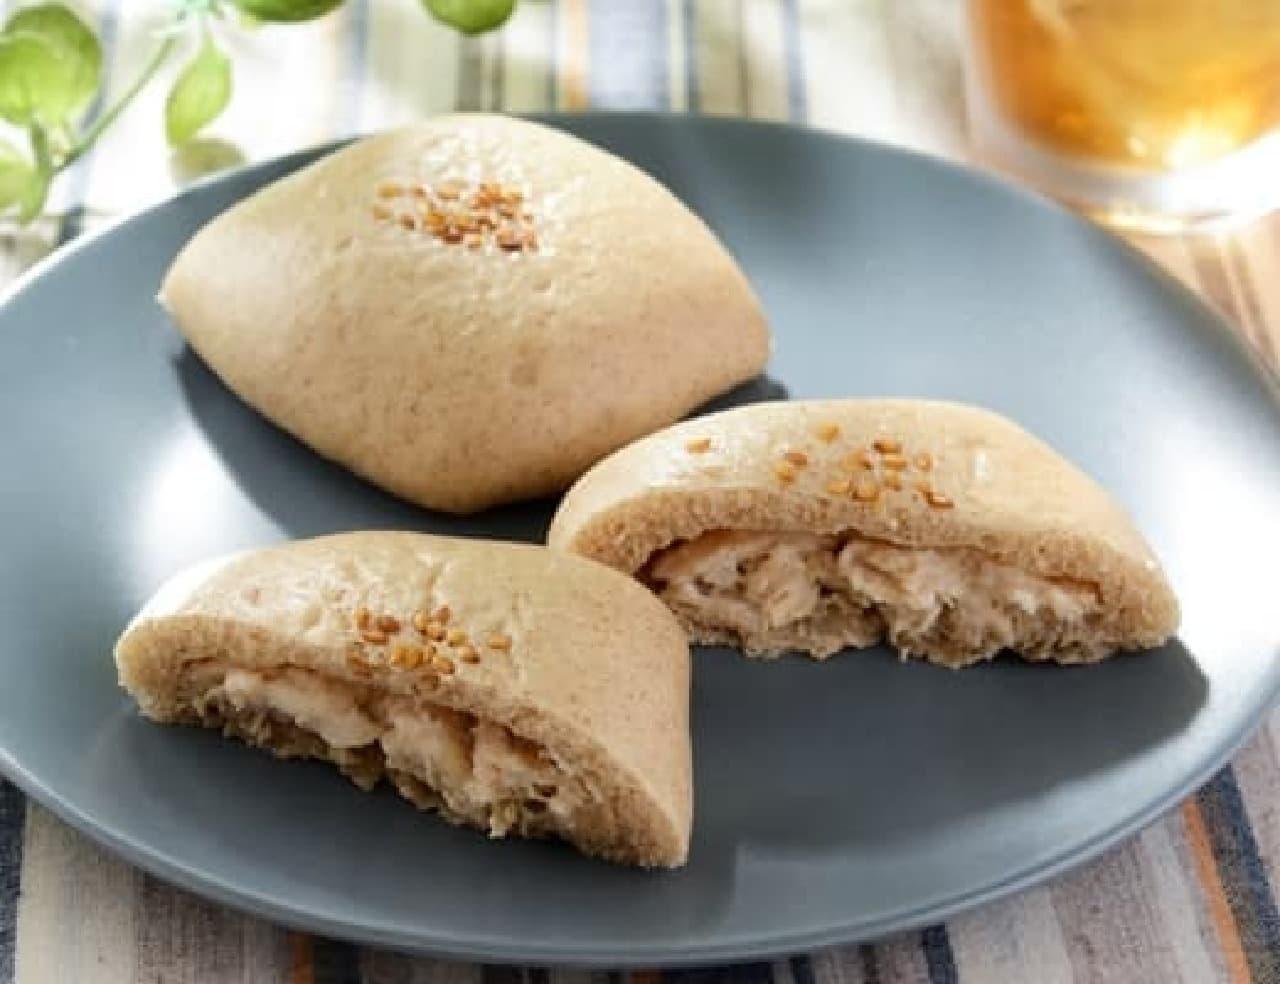 ローソン「NL 大麦のしっとりパン サラダチキン 2個入」